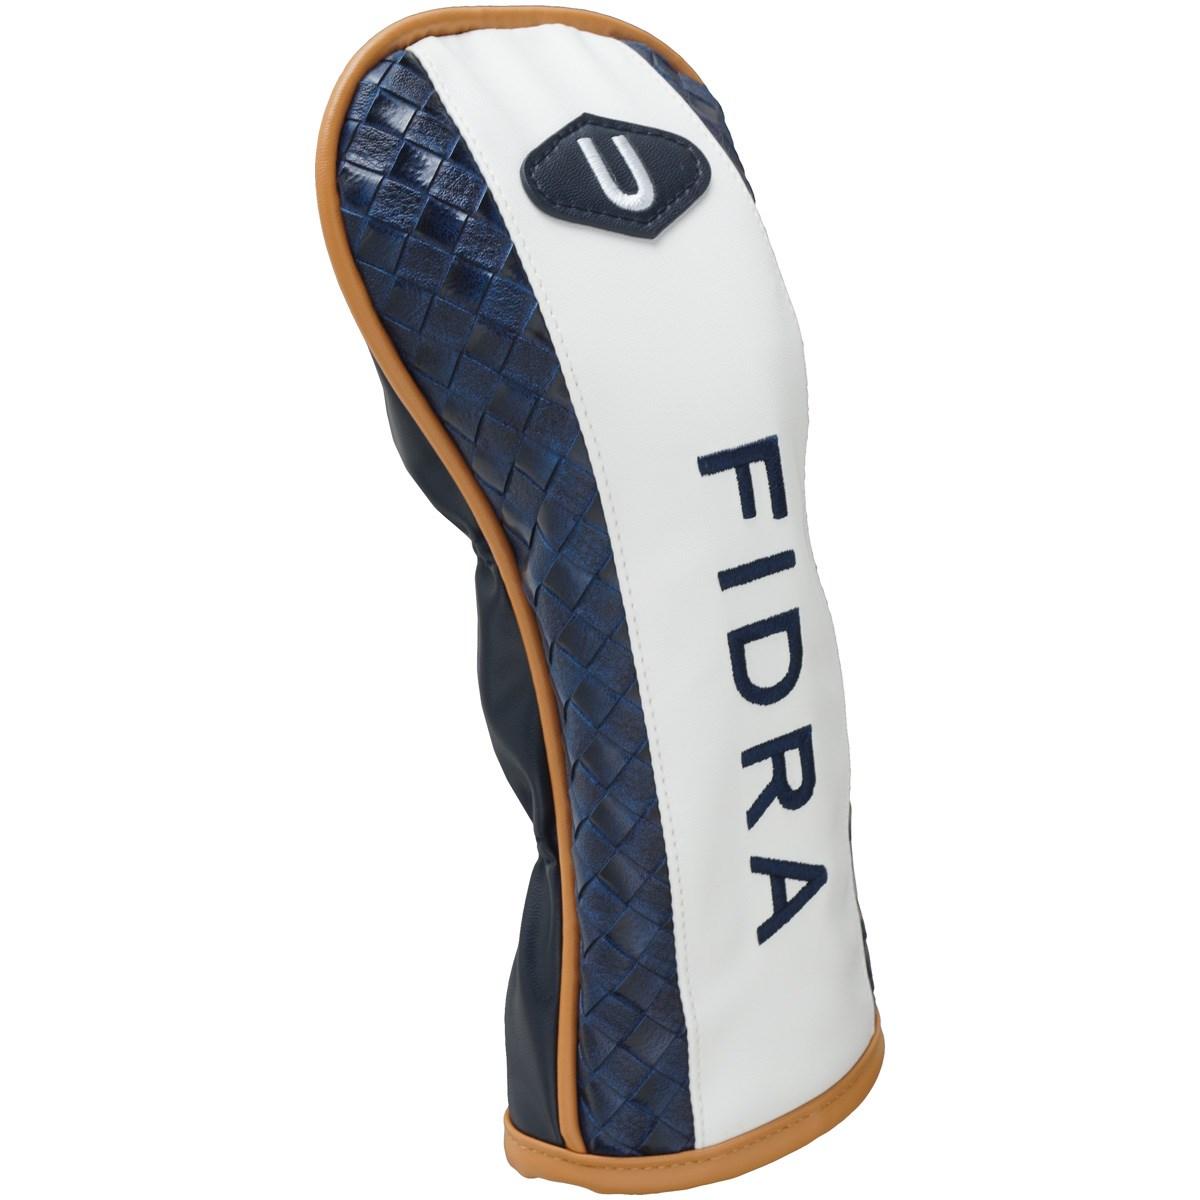 [アウトレット] [55%OFF在庫限りのお買い得商品] フィドラ FIDRA クラシックヘッドカバー UT用 ネイビー メンズ ゴルフ